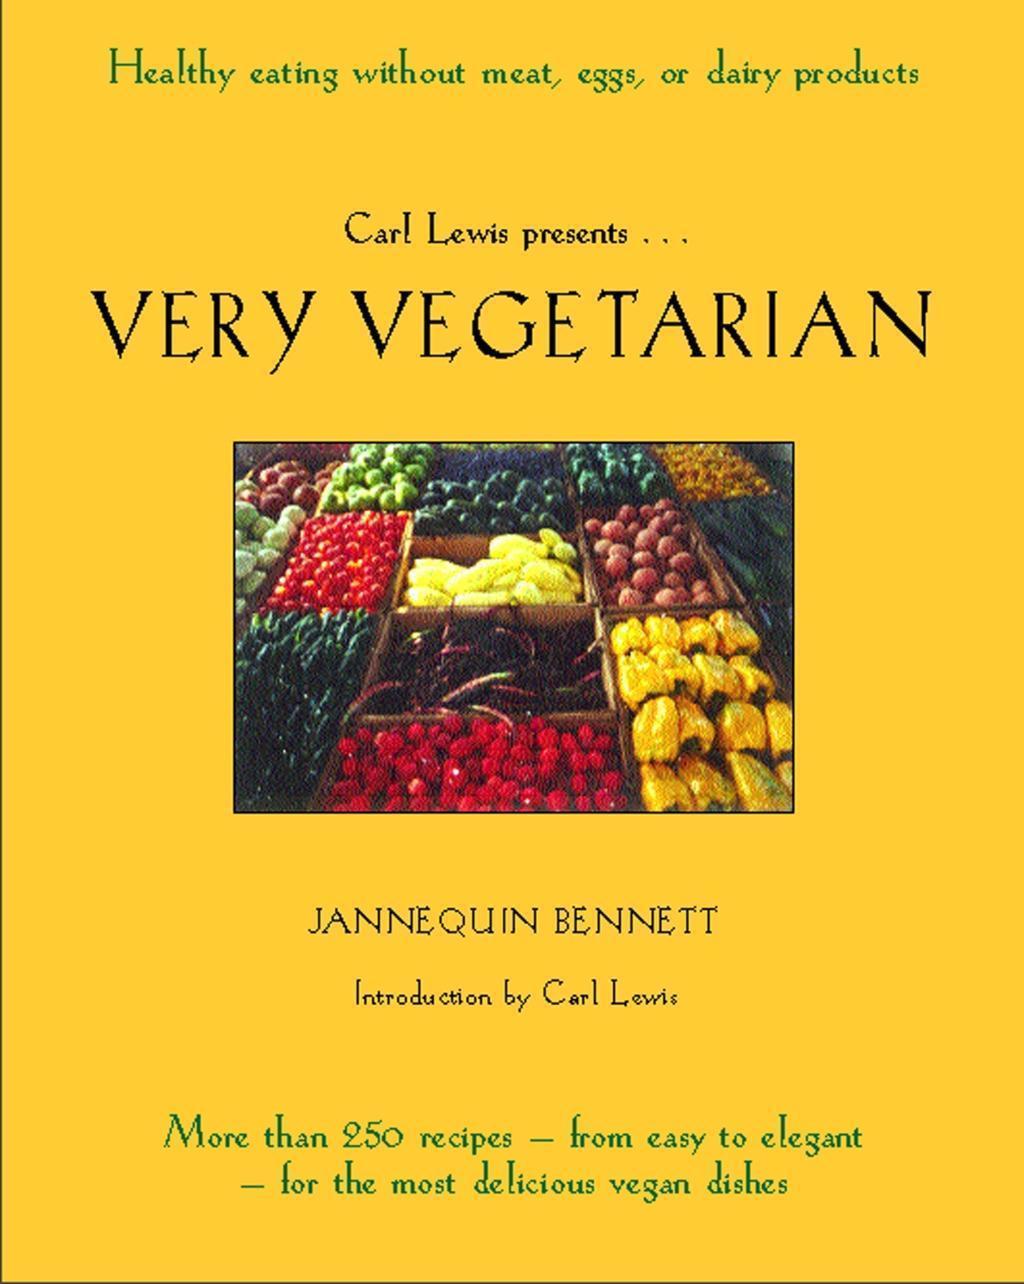 Very Vegetarian